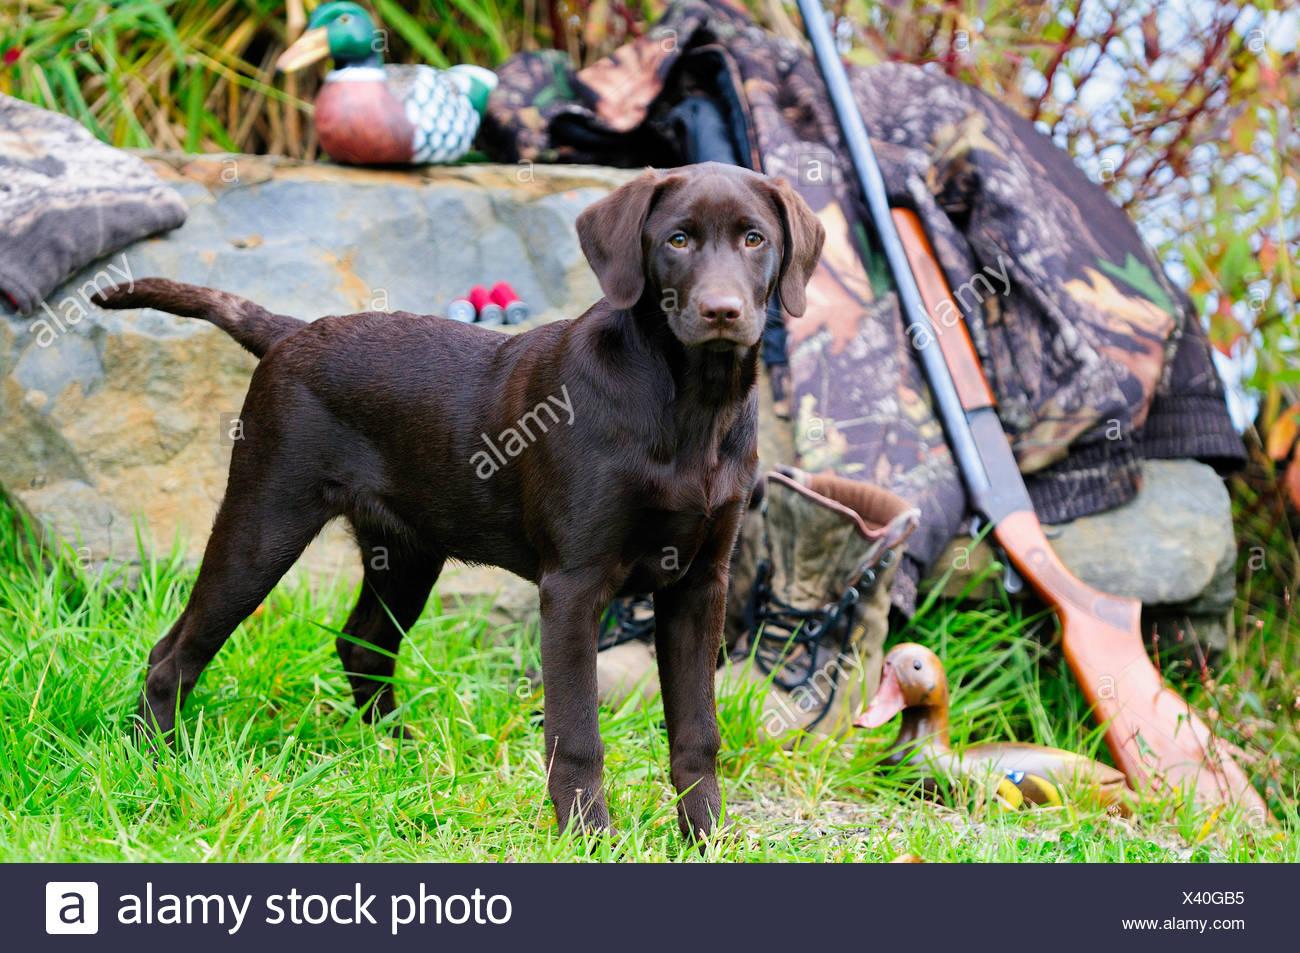 Labrador neben einer Cooey12 messen einzelne Schuss-Schrotflinte, eine Camouflage-Jacke und Stiefel, Duncan, British Columbia, Kanada. Stockbild